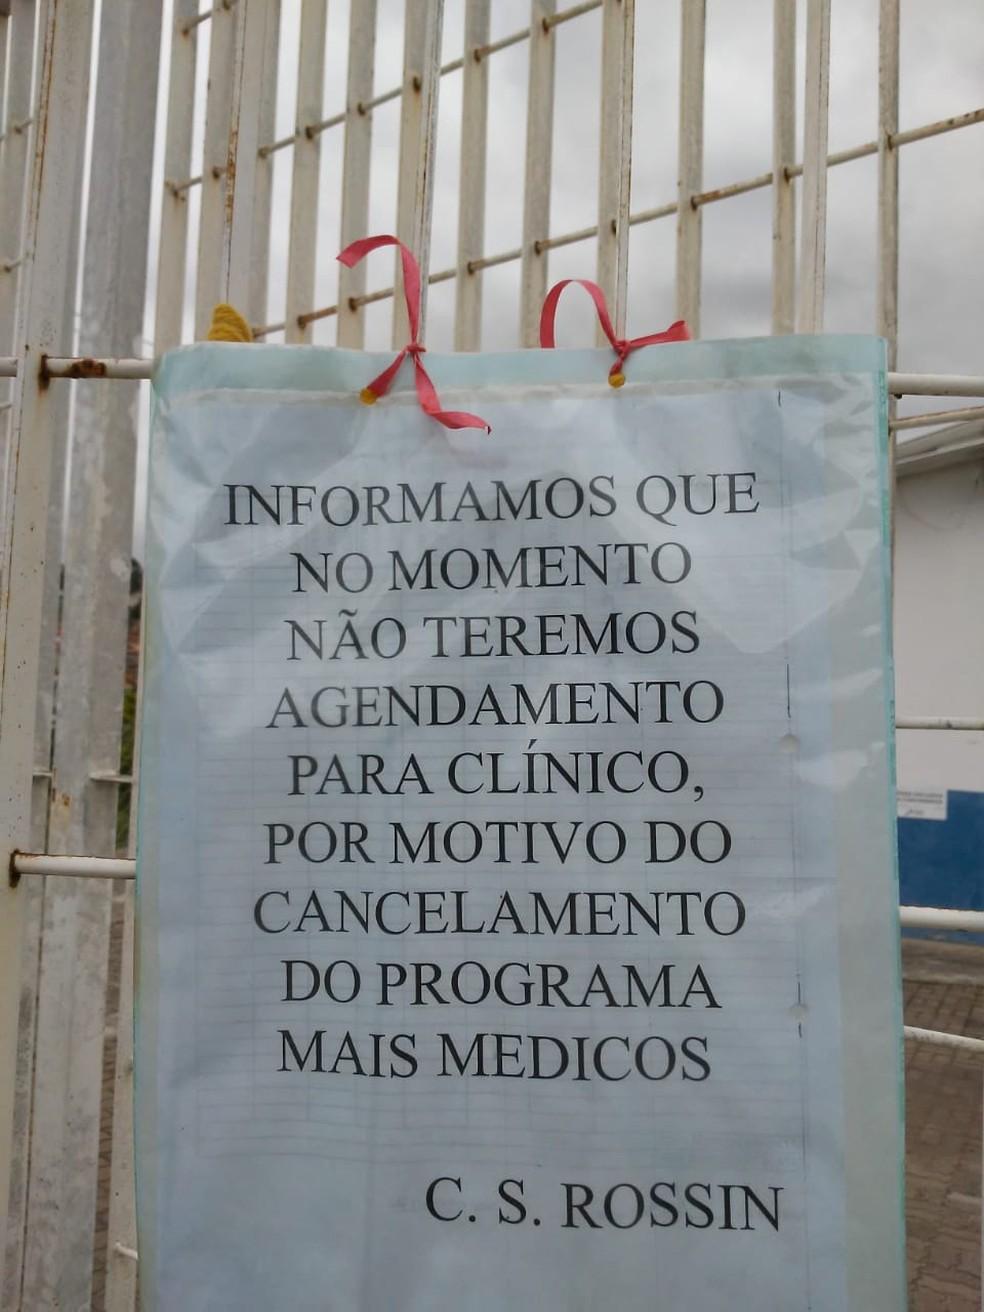 Cartaz no Centro de Saúde do Jardim Rossin, em Campinas, avisa sobre suspensão de agendamentos por causa da saída dos médicos cubanos — Foto: Conselho de Saúde de Campinas/Divulgação